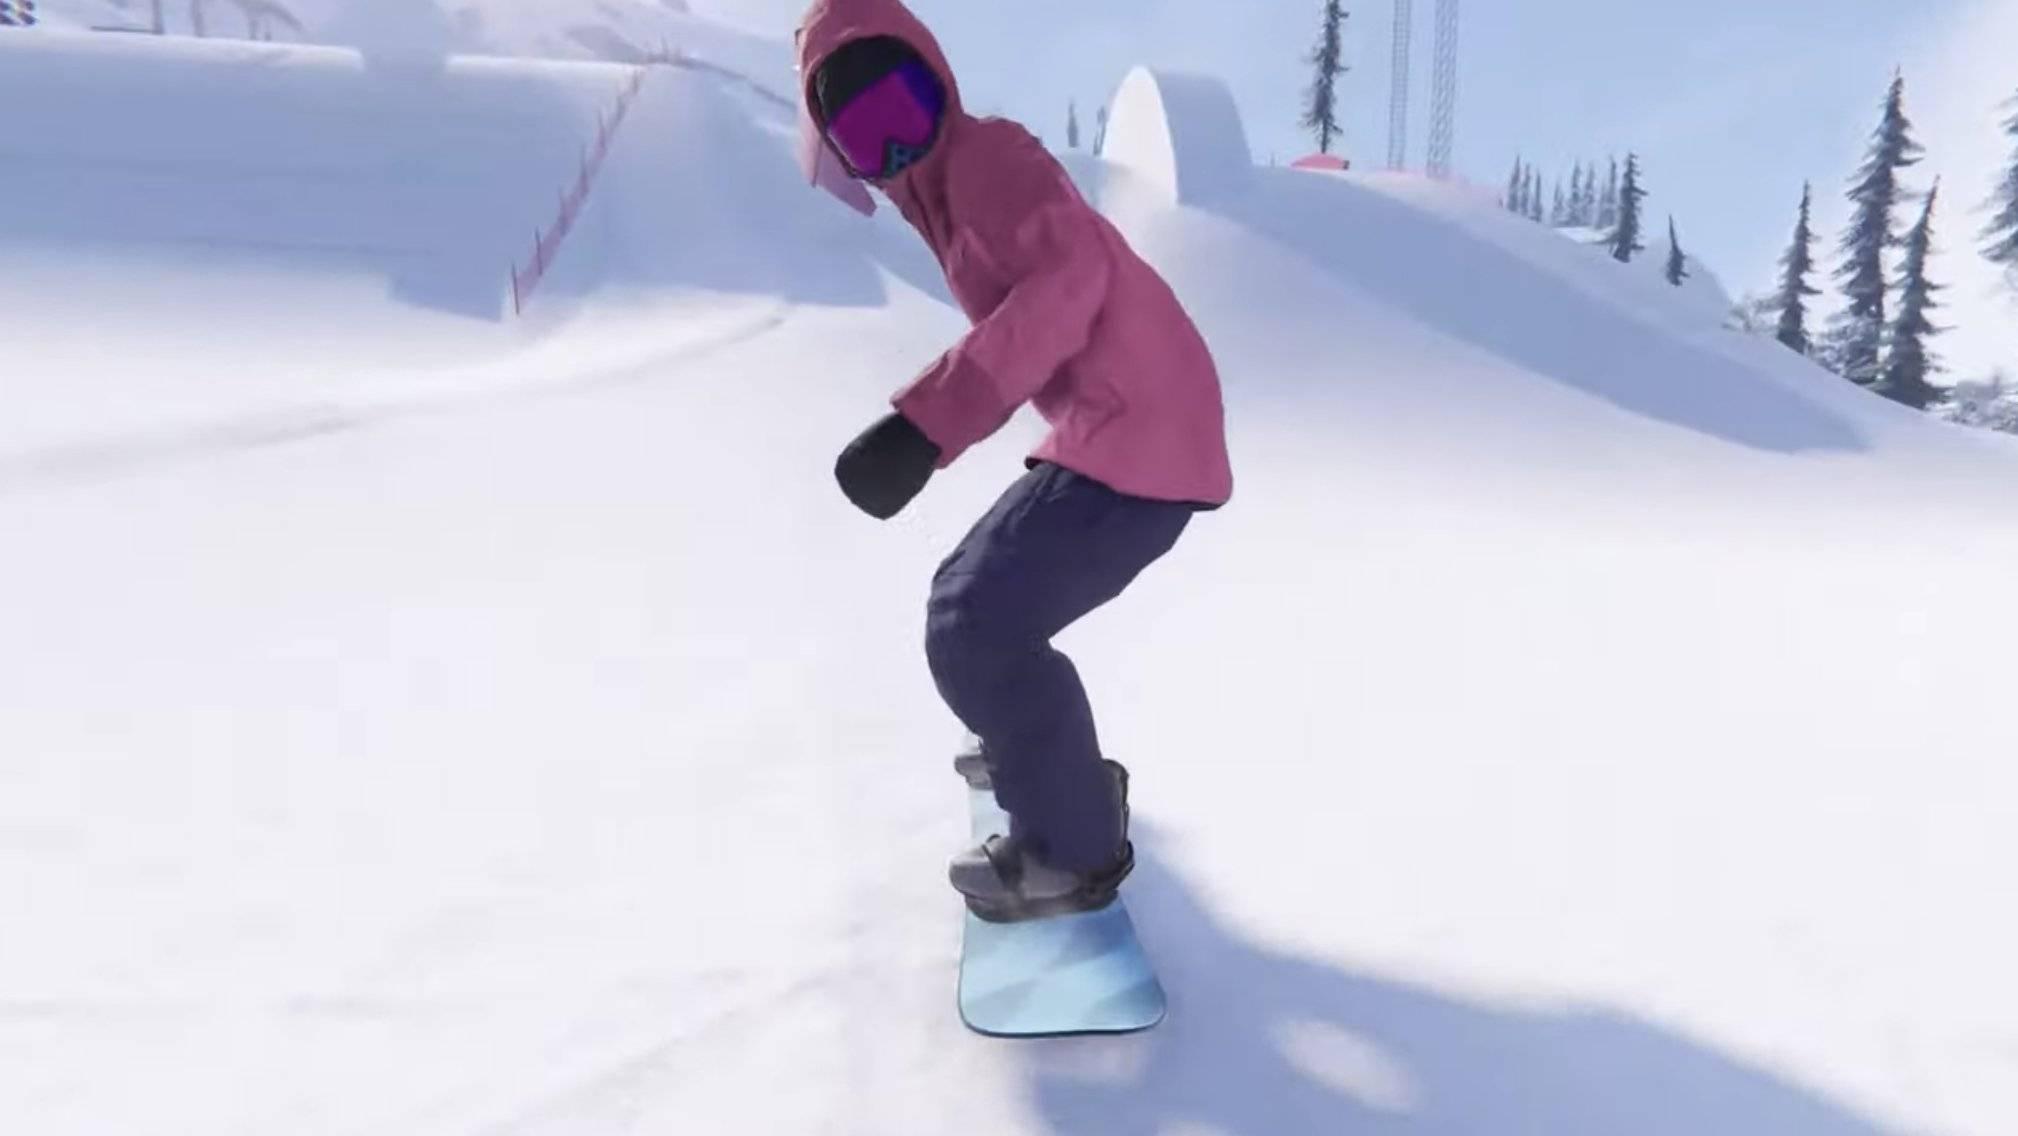 E3 2021: Anuncian Shredders, un nuevo juego de Snowboarding 4